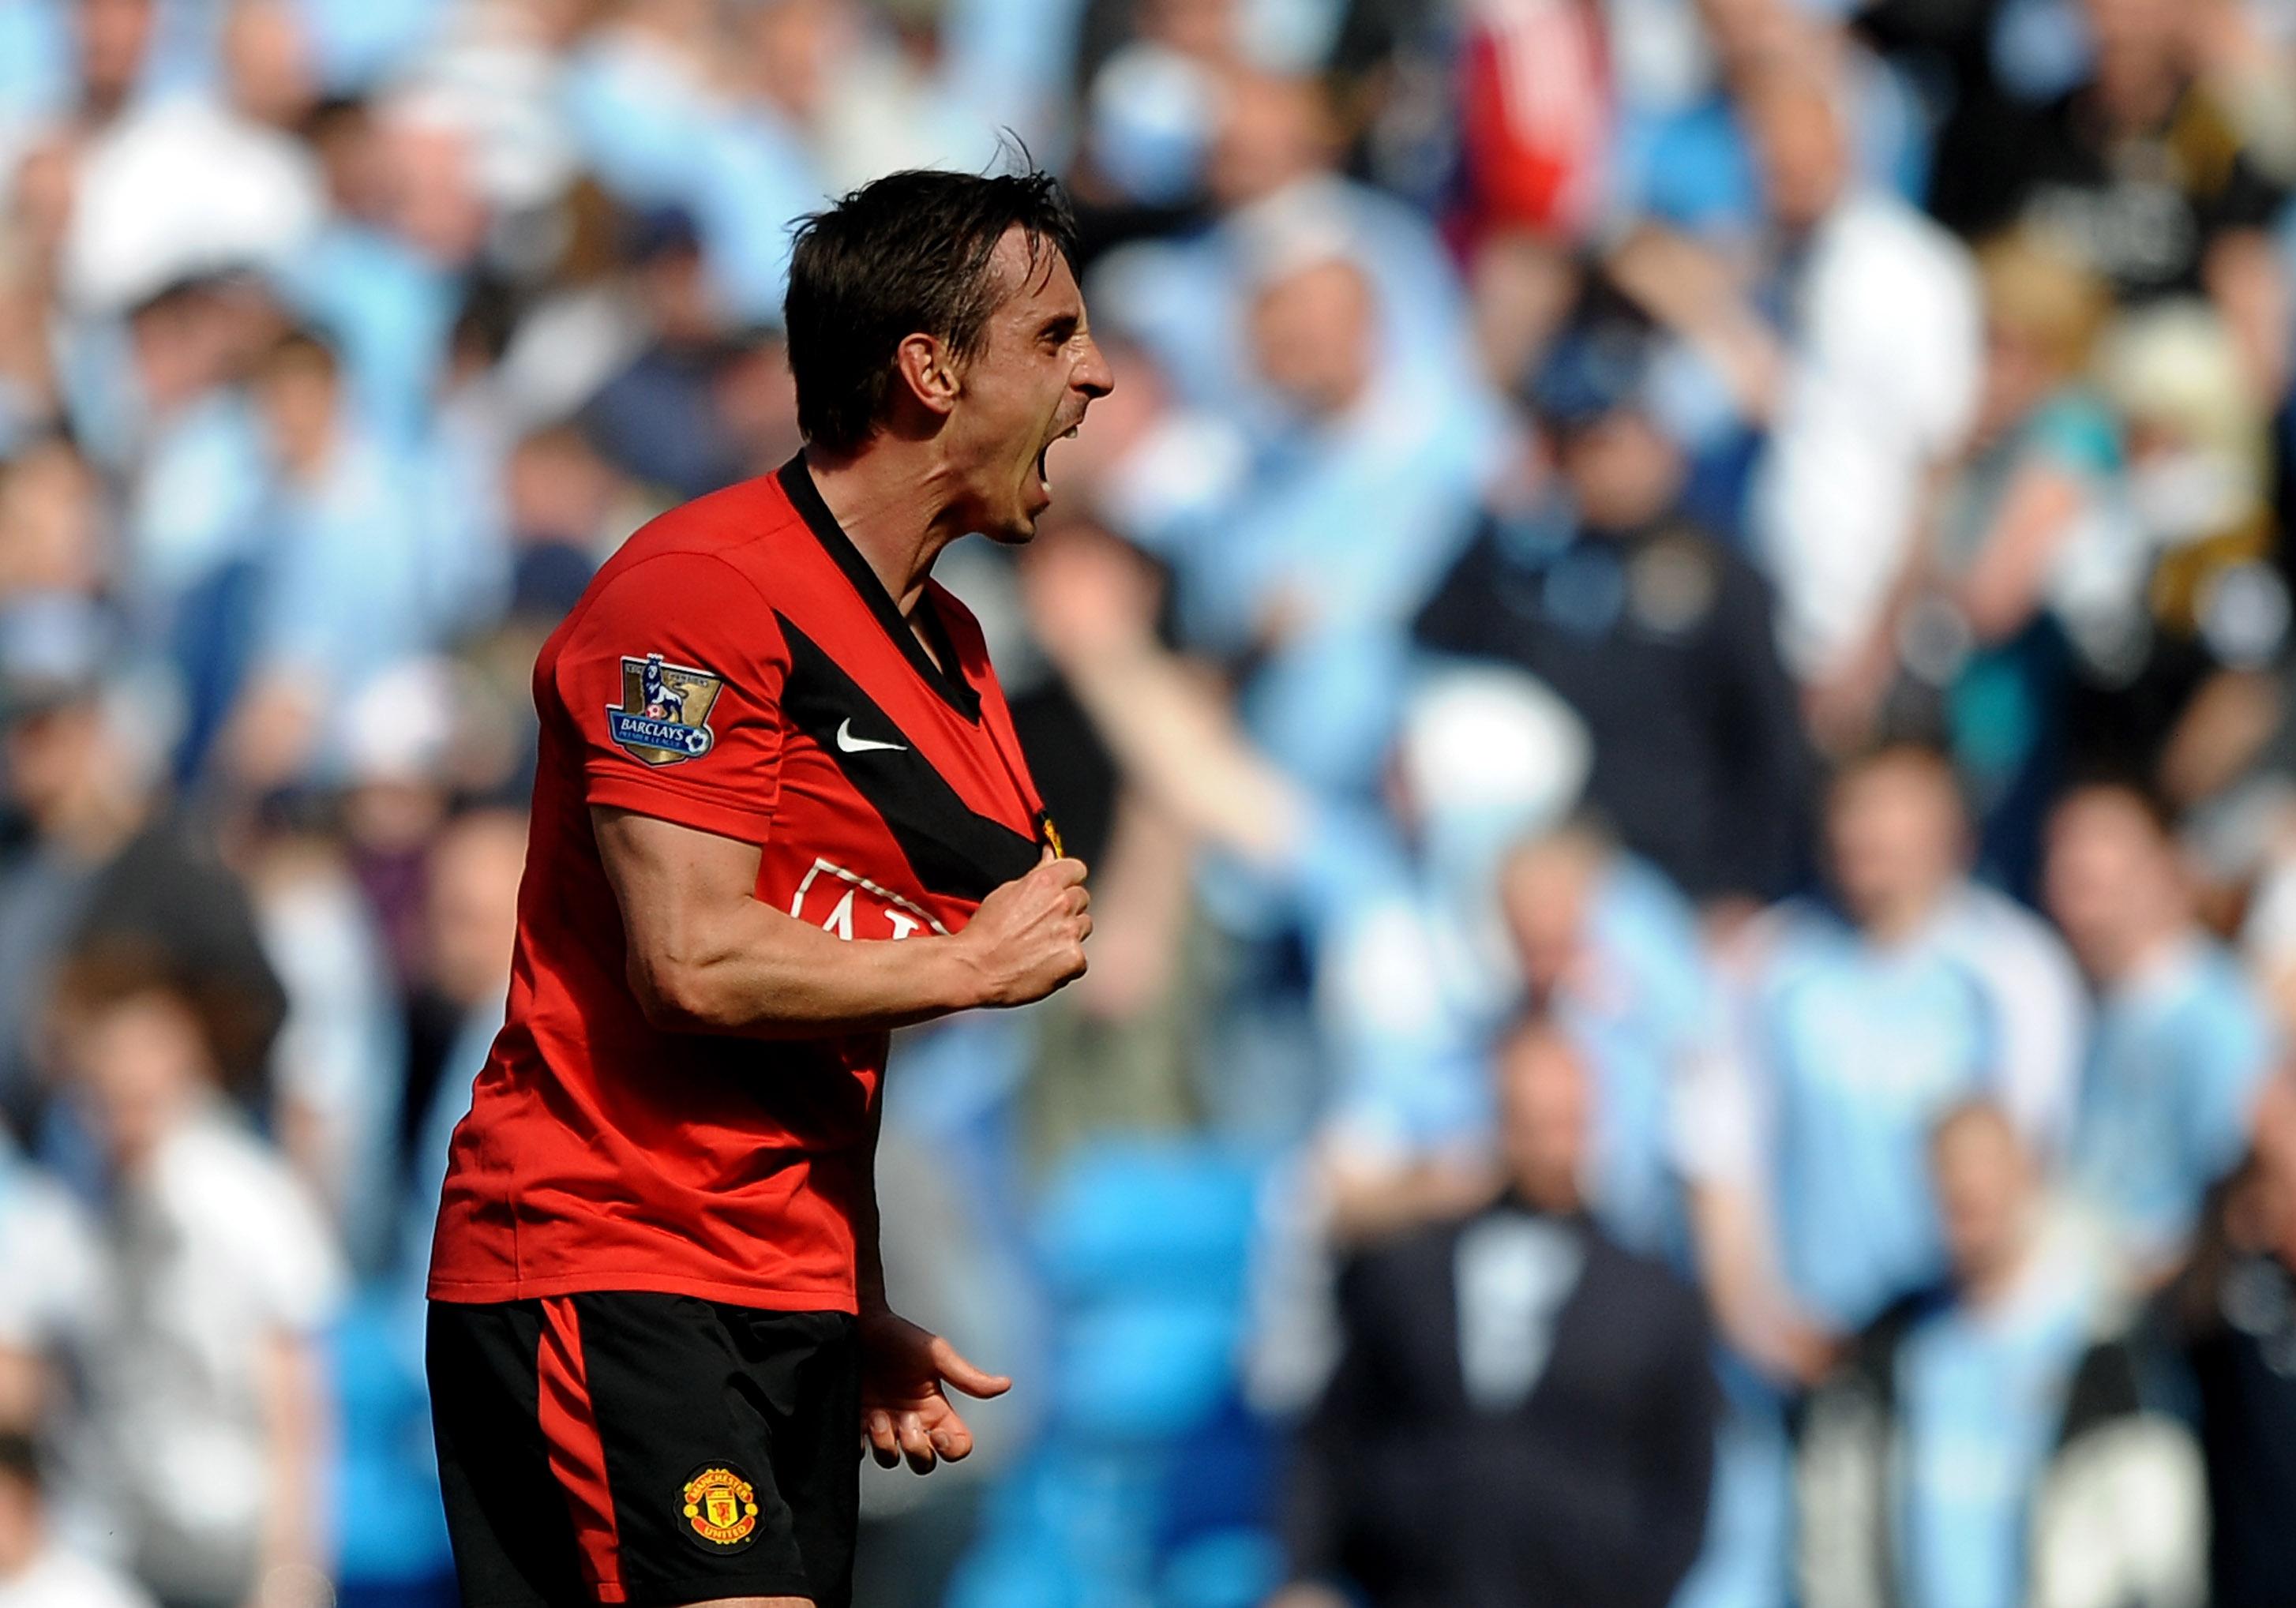 Neville je vso svojo kariero igral za Manchester United. Veljal je za enega najboljših bočnih branilcev tistega časa. Vir: talkSPORT